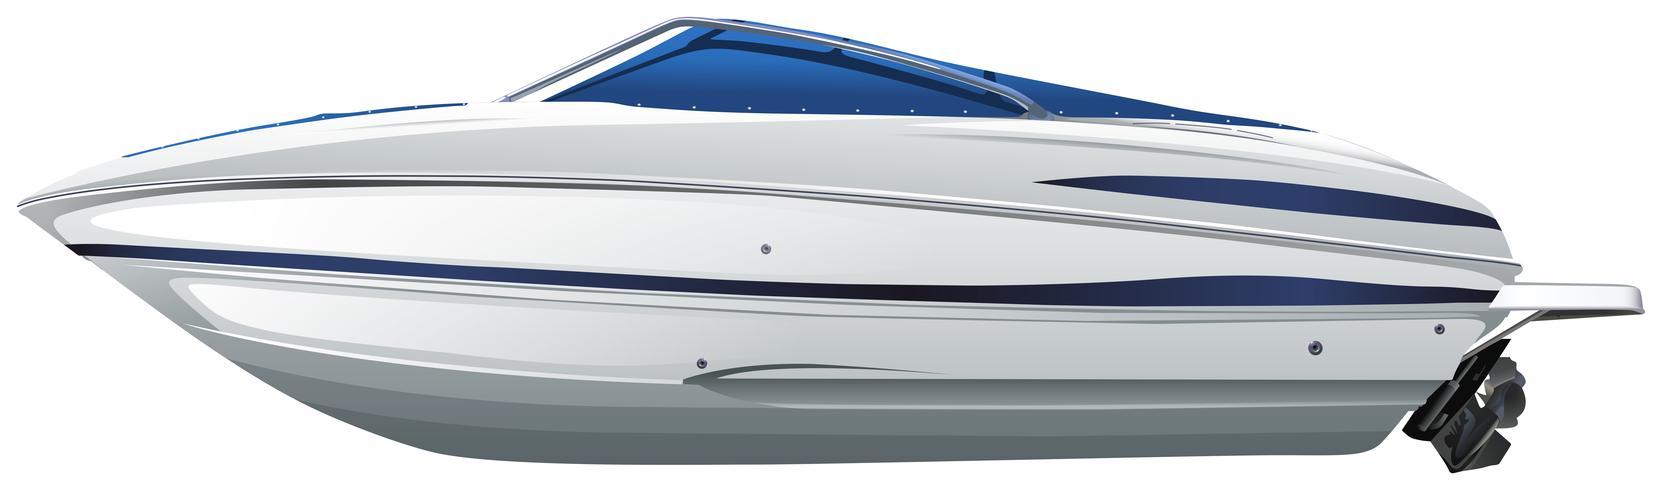 Ein Boot vektor